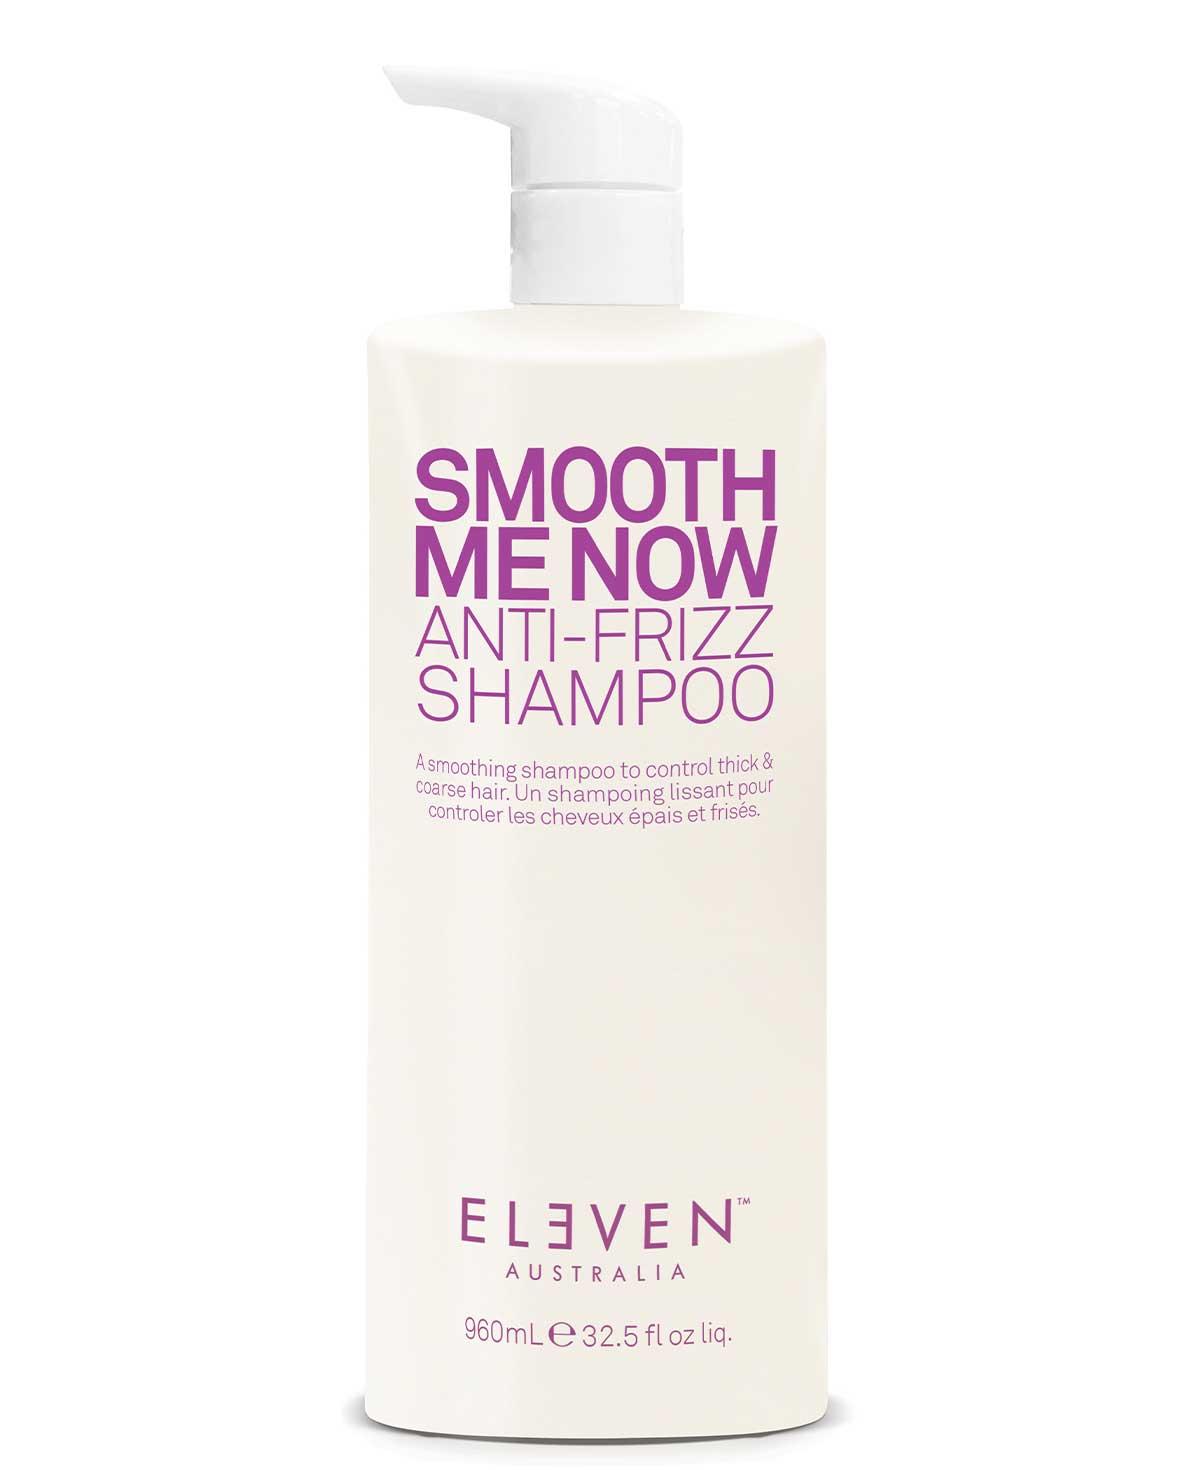 Eleven Smooth Me Now Anti-Frizz Shampoo 960ml